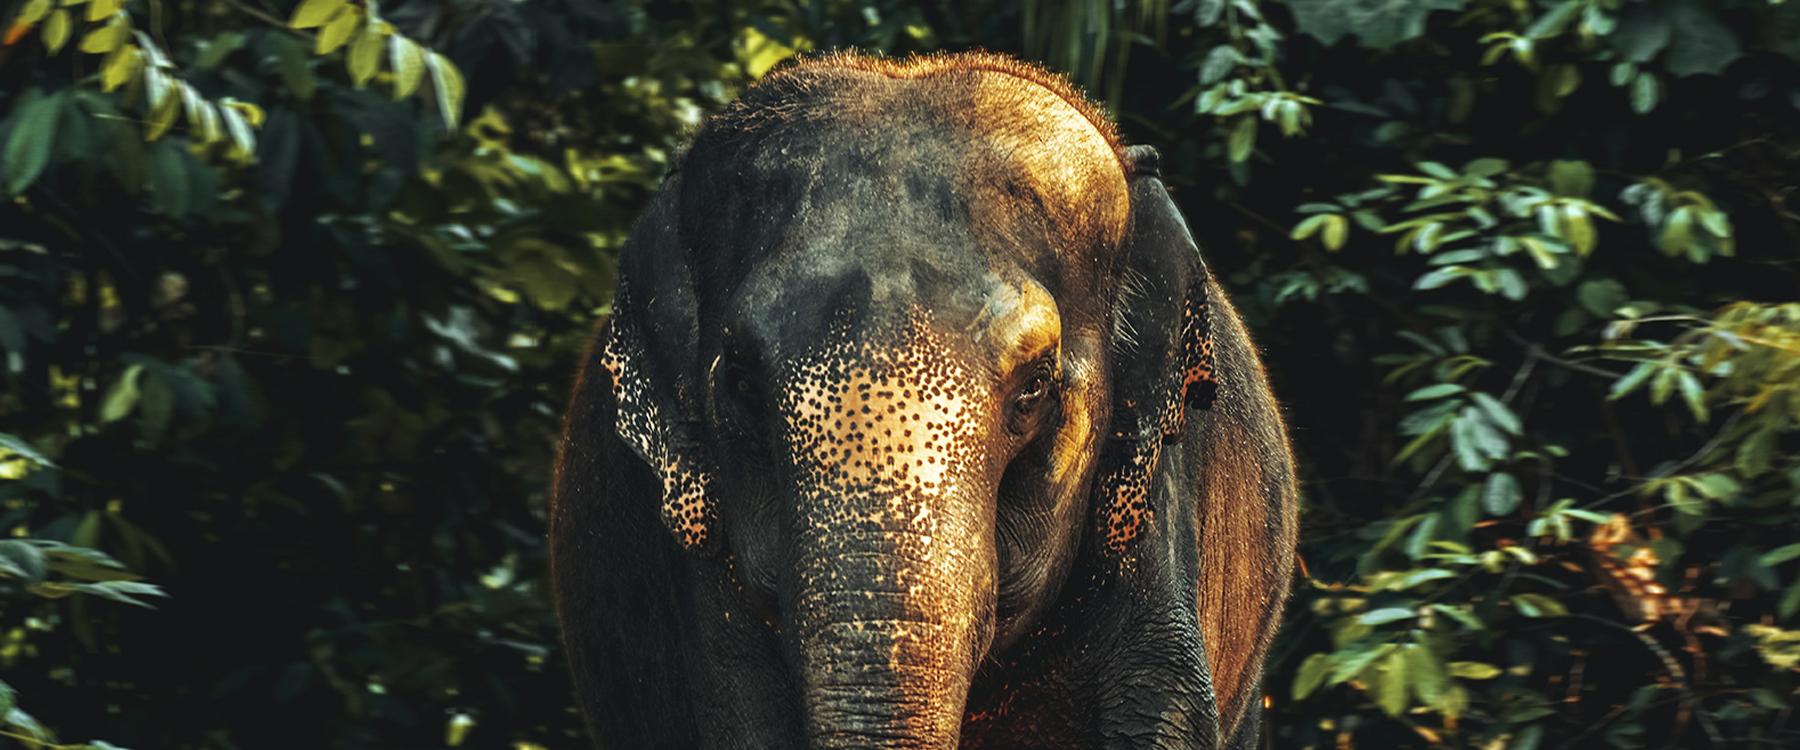 Los elefantes asiáticos en cautiverio aumentan debido al auge del turismo irresponsable